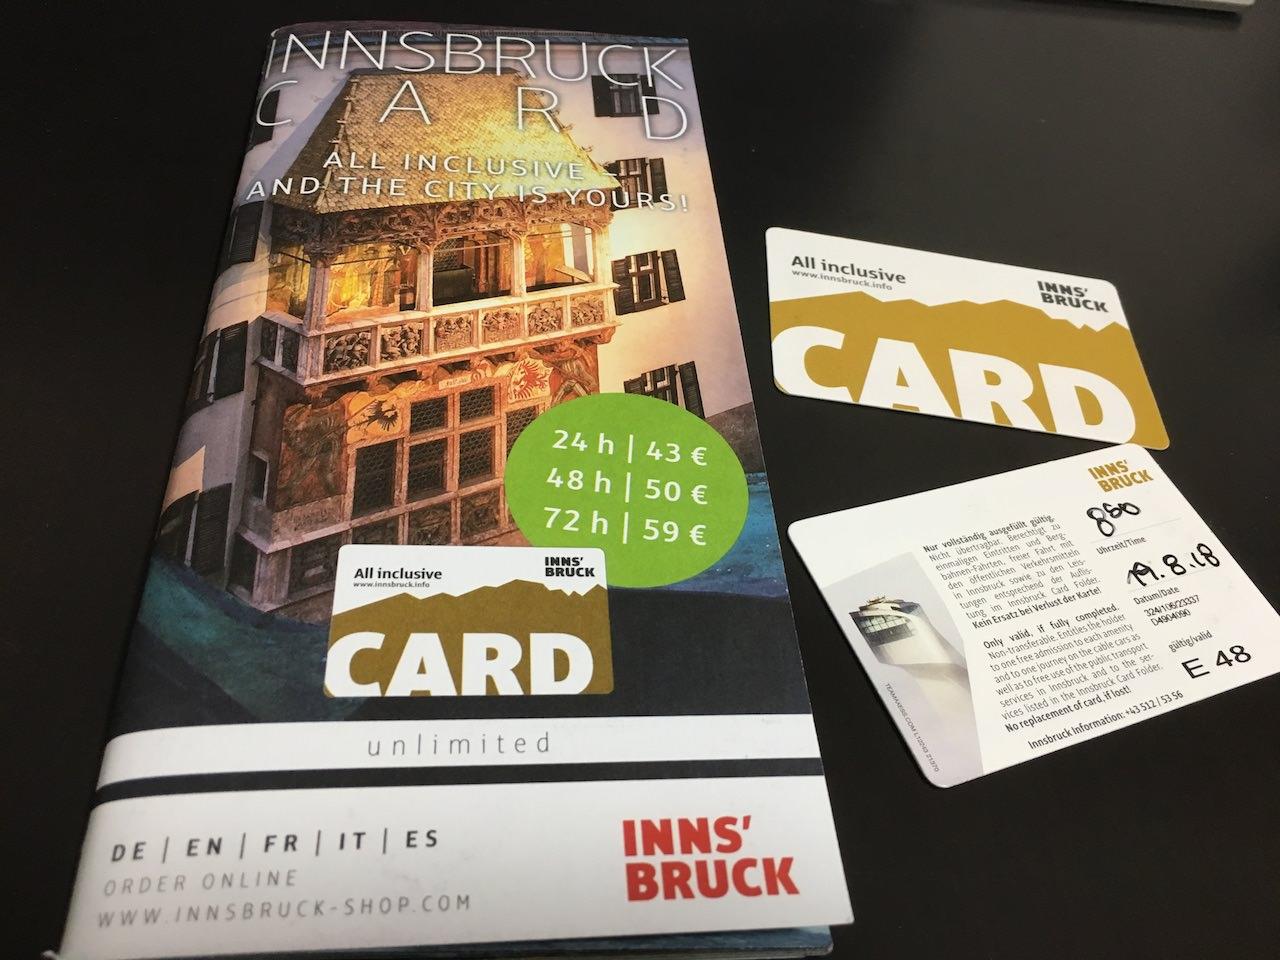 インスブルックカード